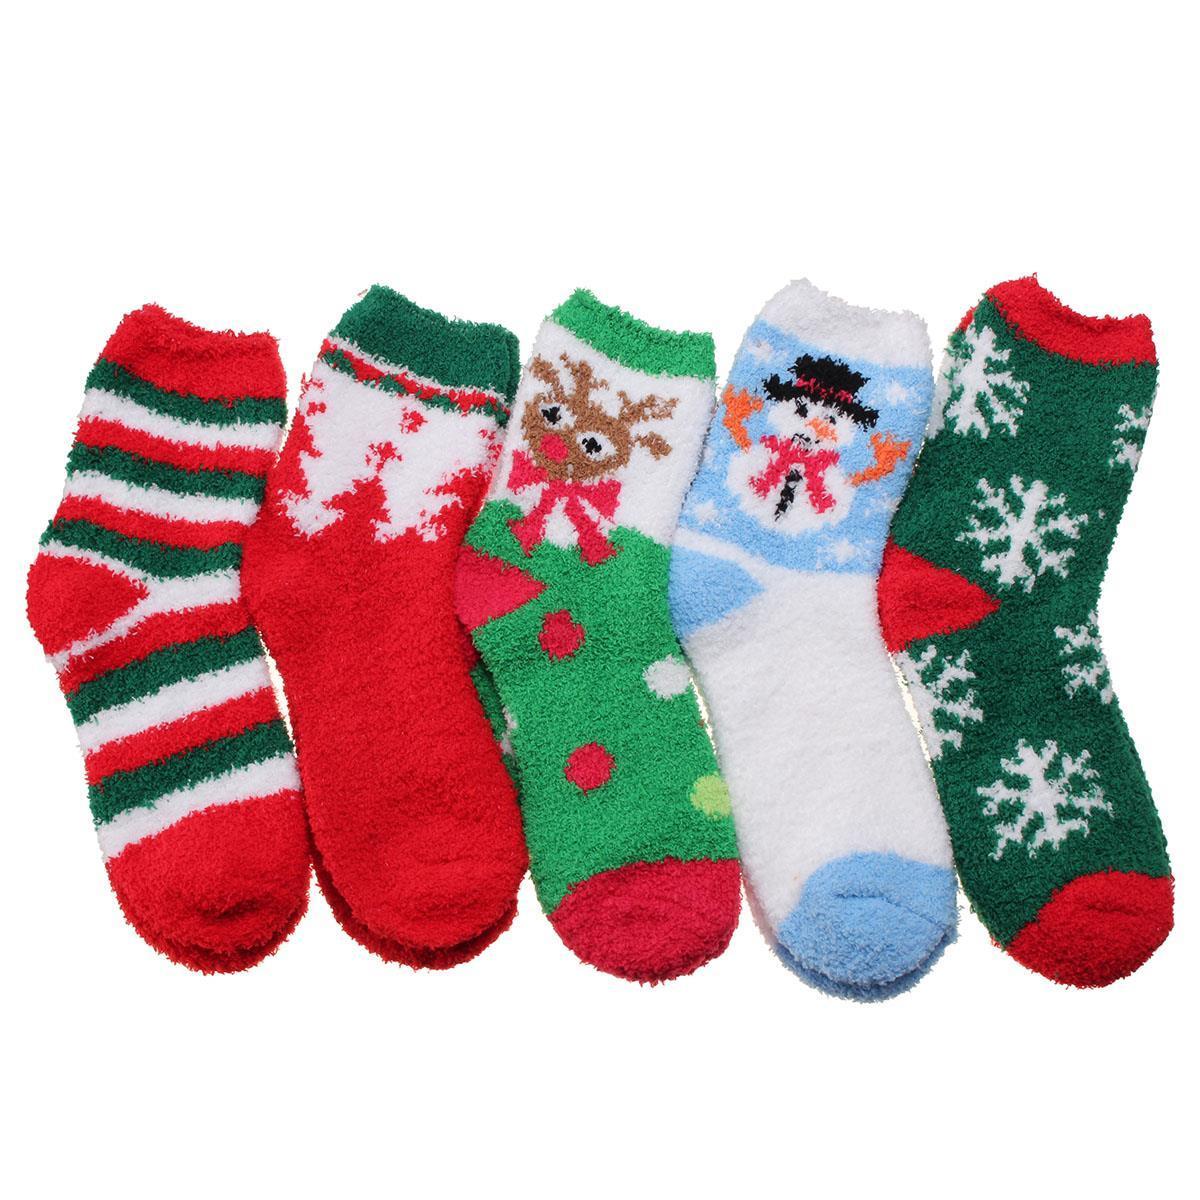 2017 Cozy Warm Soft Unisex Socks Chuzzle Hosiery Winter ...